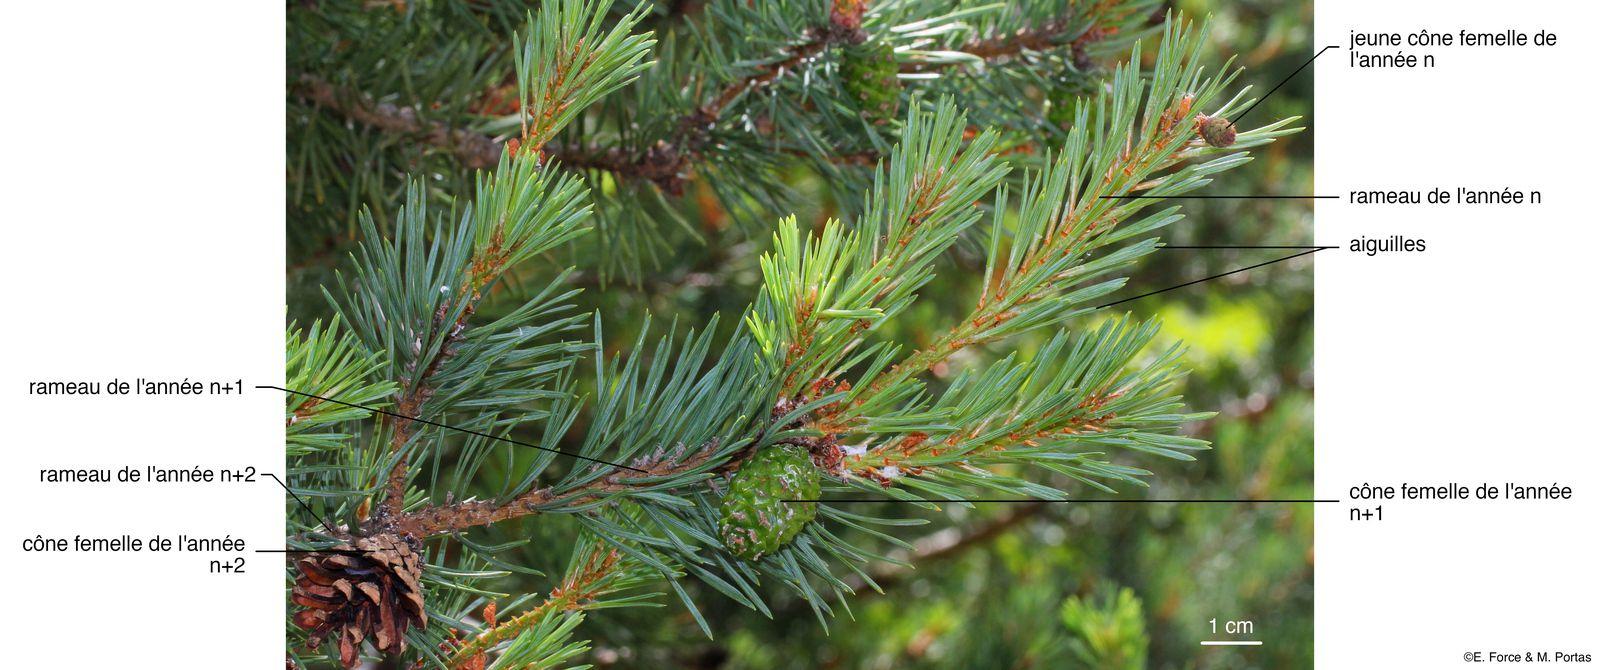 Figure 1. Les cônes femelles sur une branche de Pin sylvestre (crédit photo : E. Force & M. Portas).